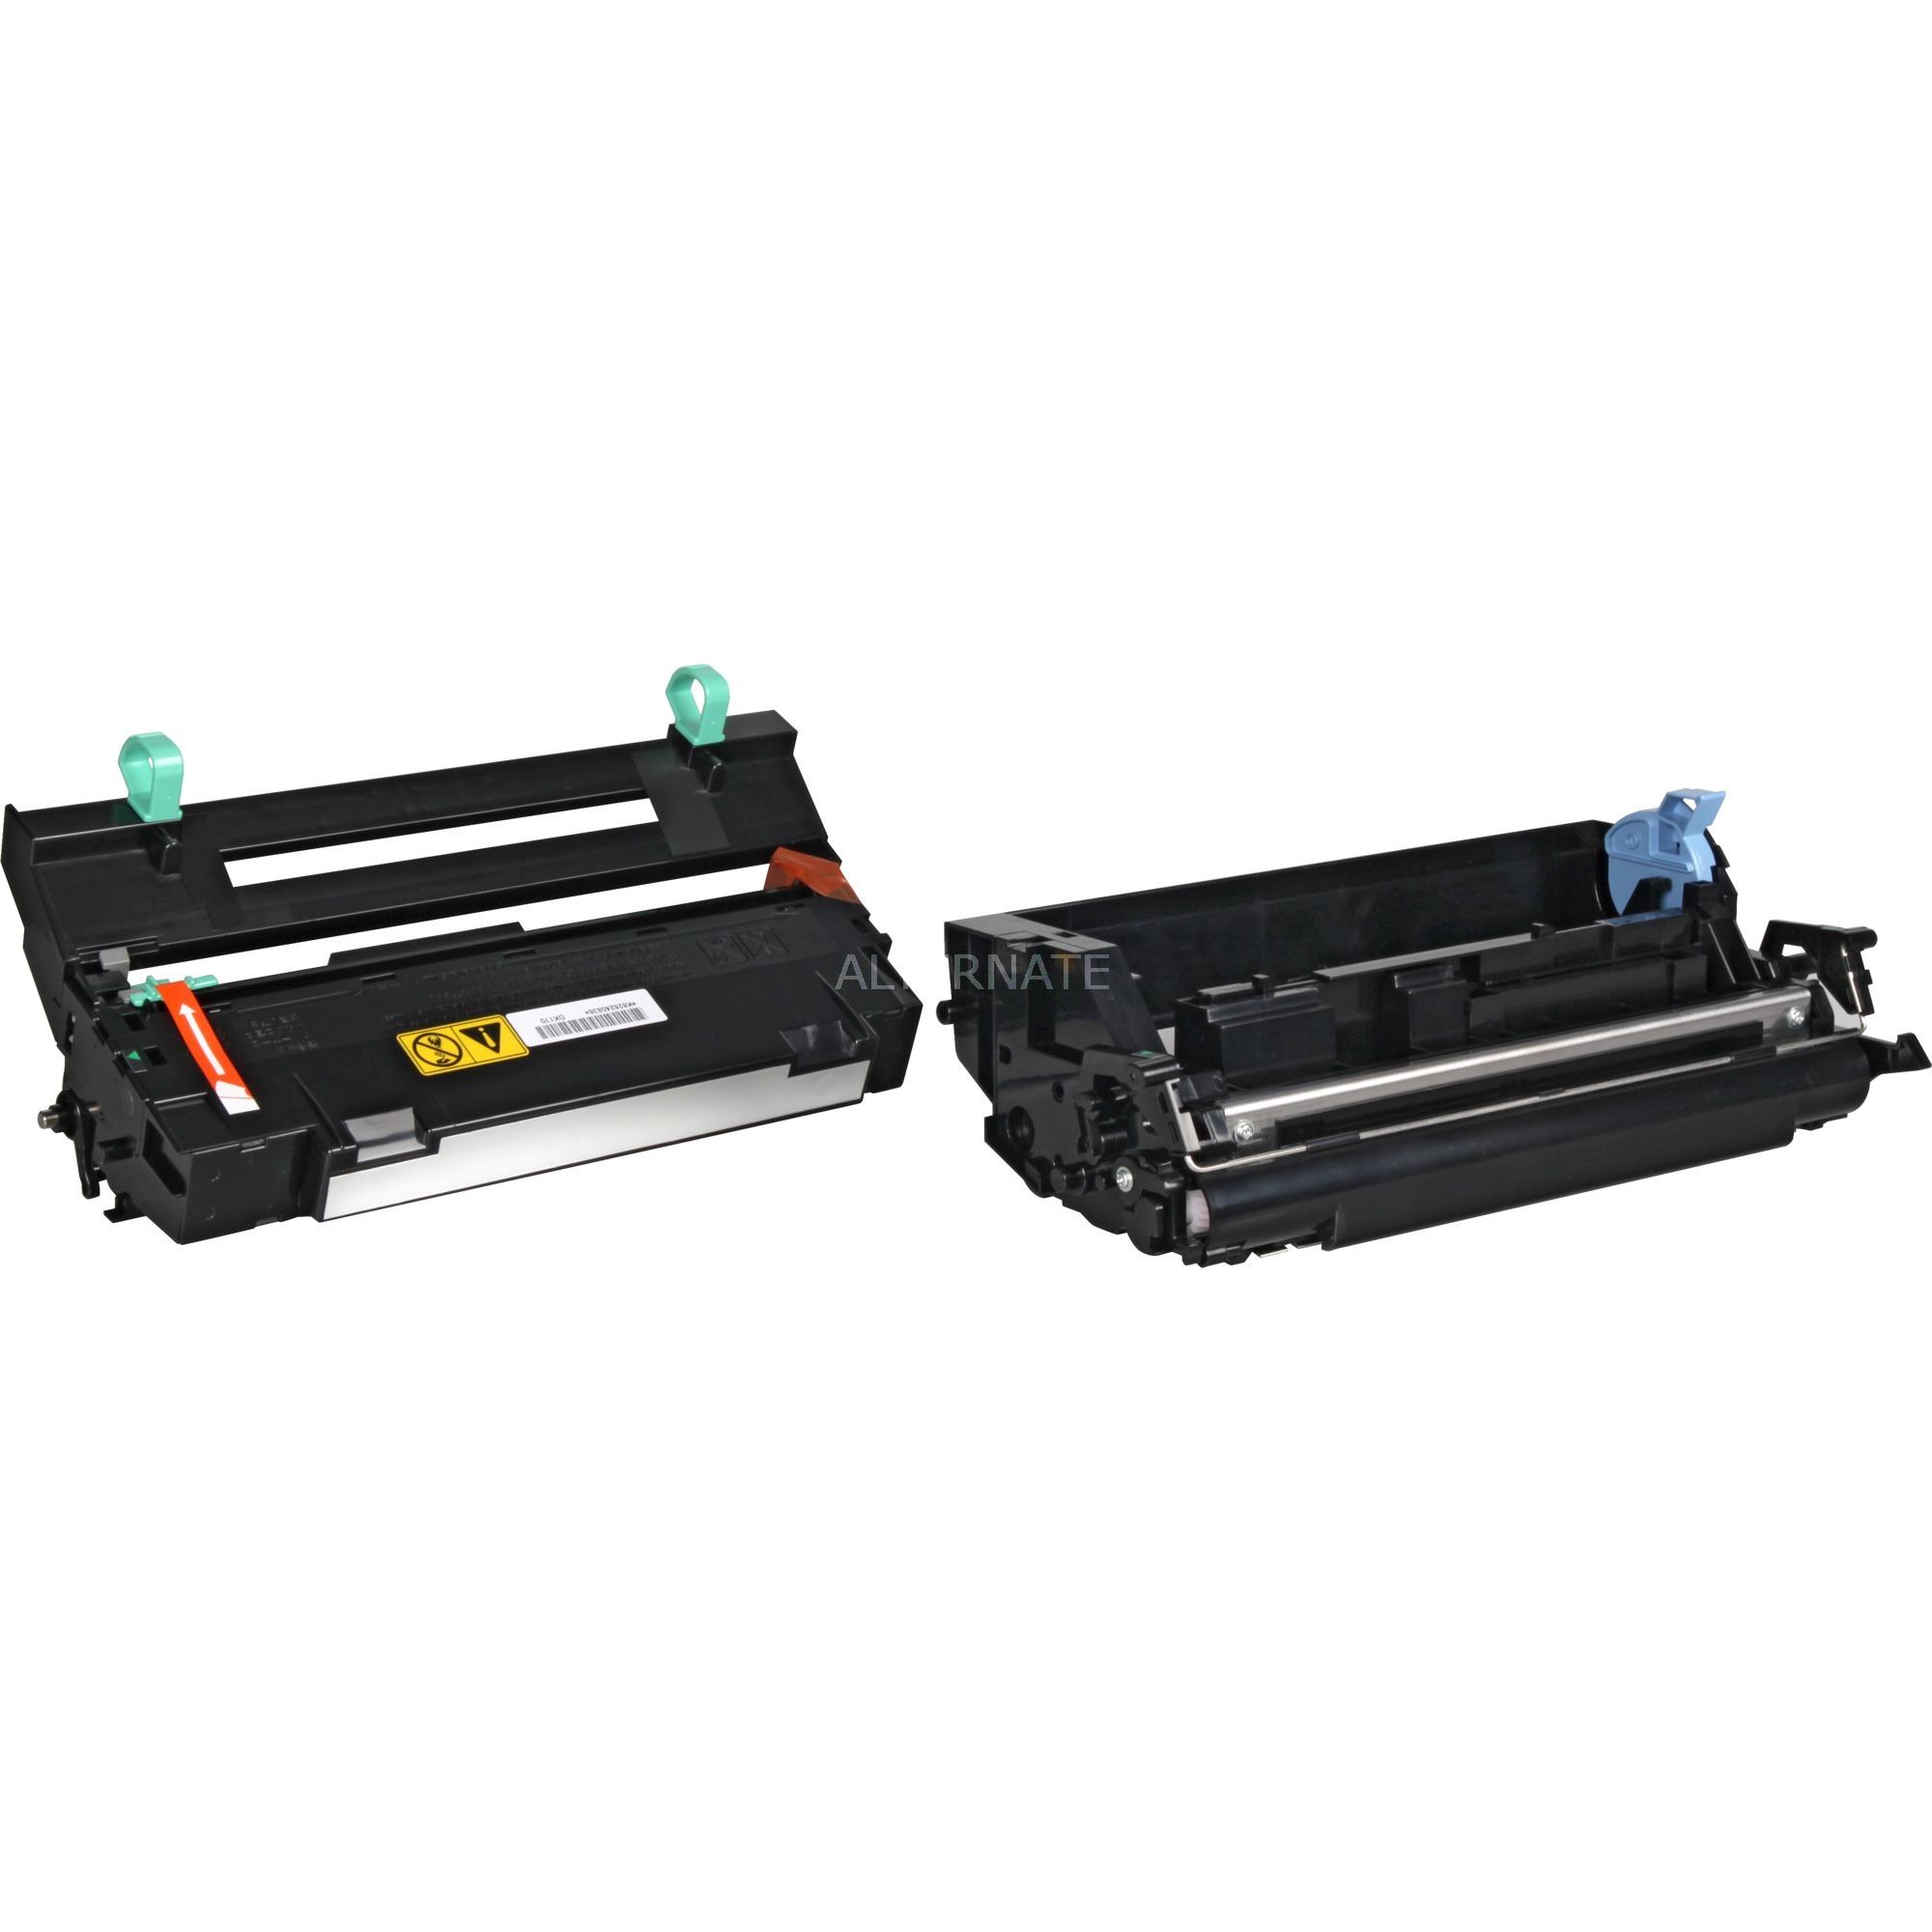 MK-170 Kit para impresoras, Unidad de mantenimiento